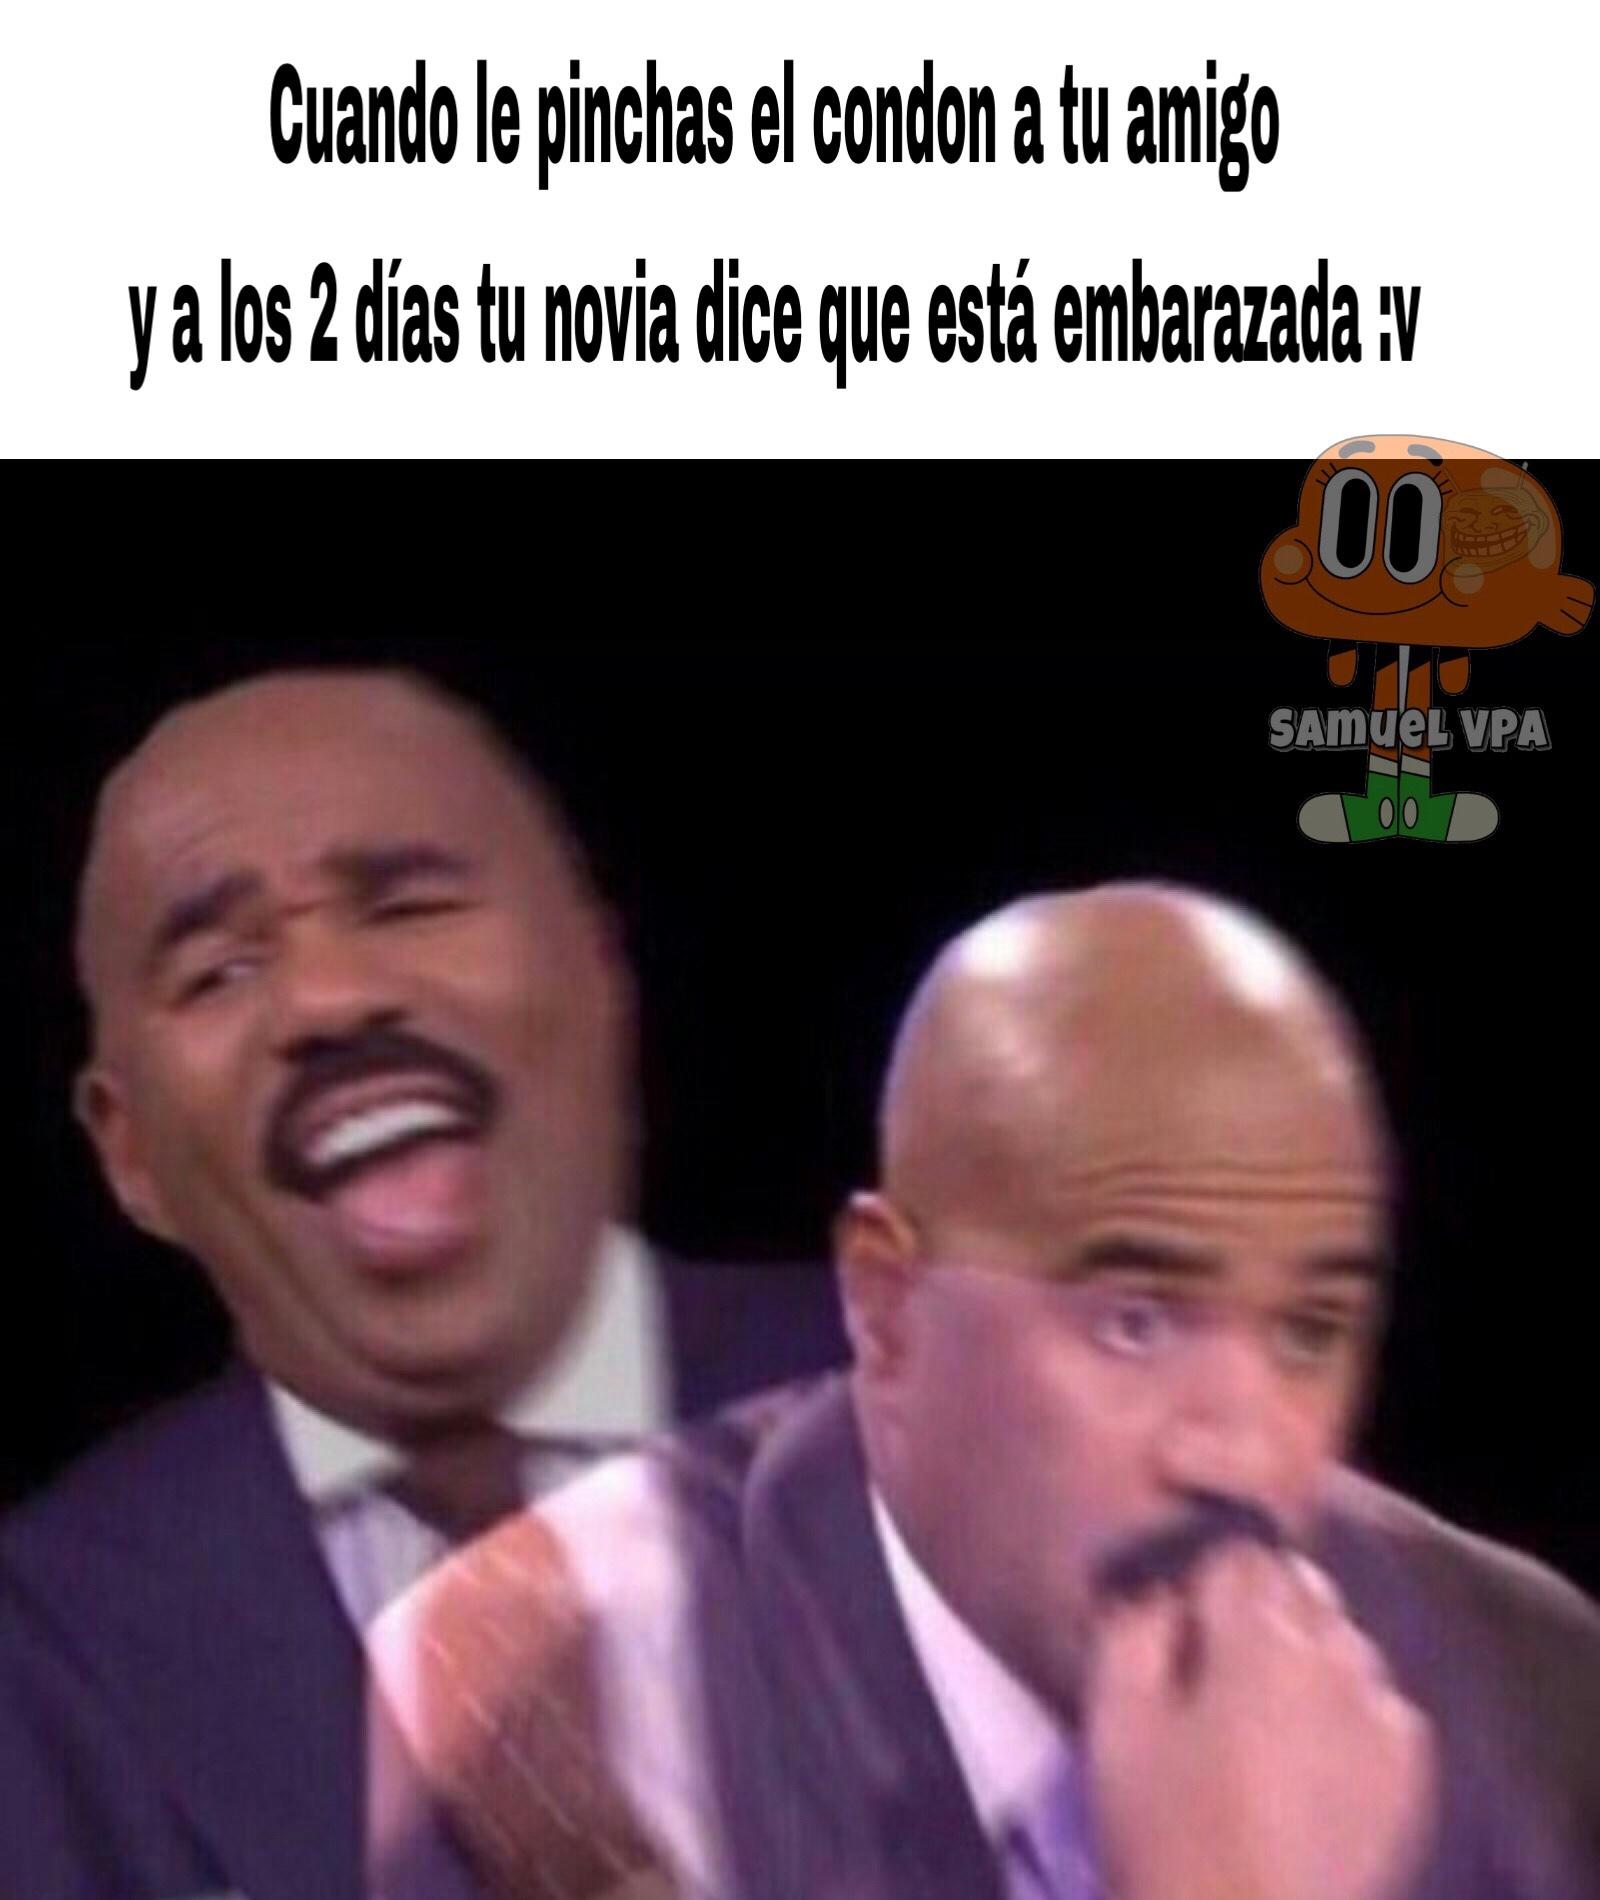 :v xD